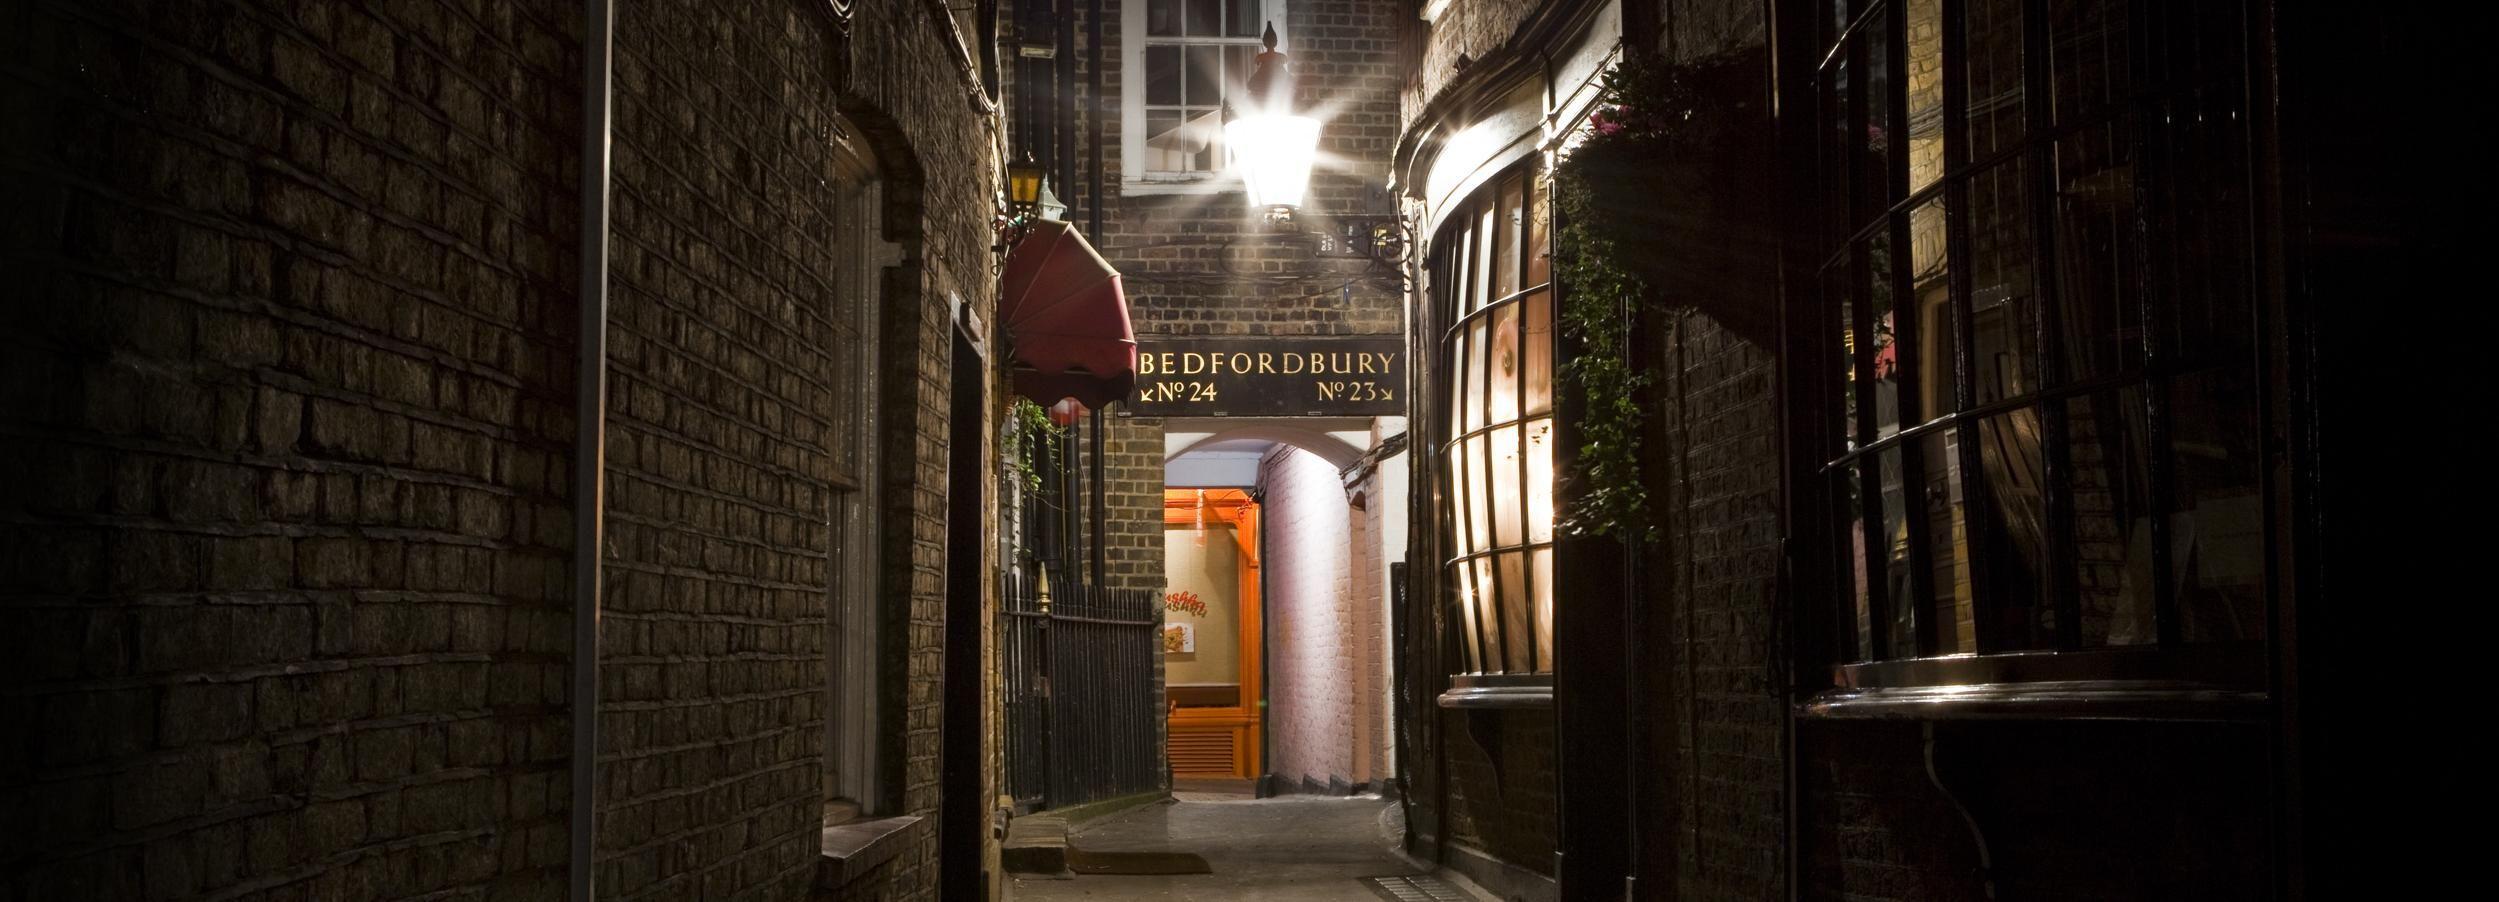 Londen: Jack the Ripper, interactieve wandeltocht met gids